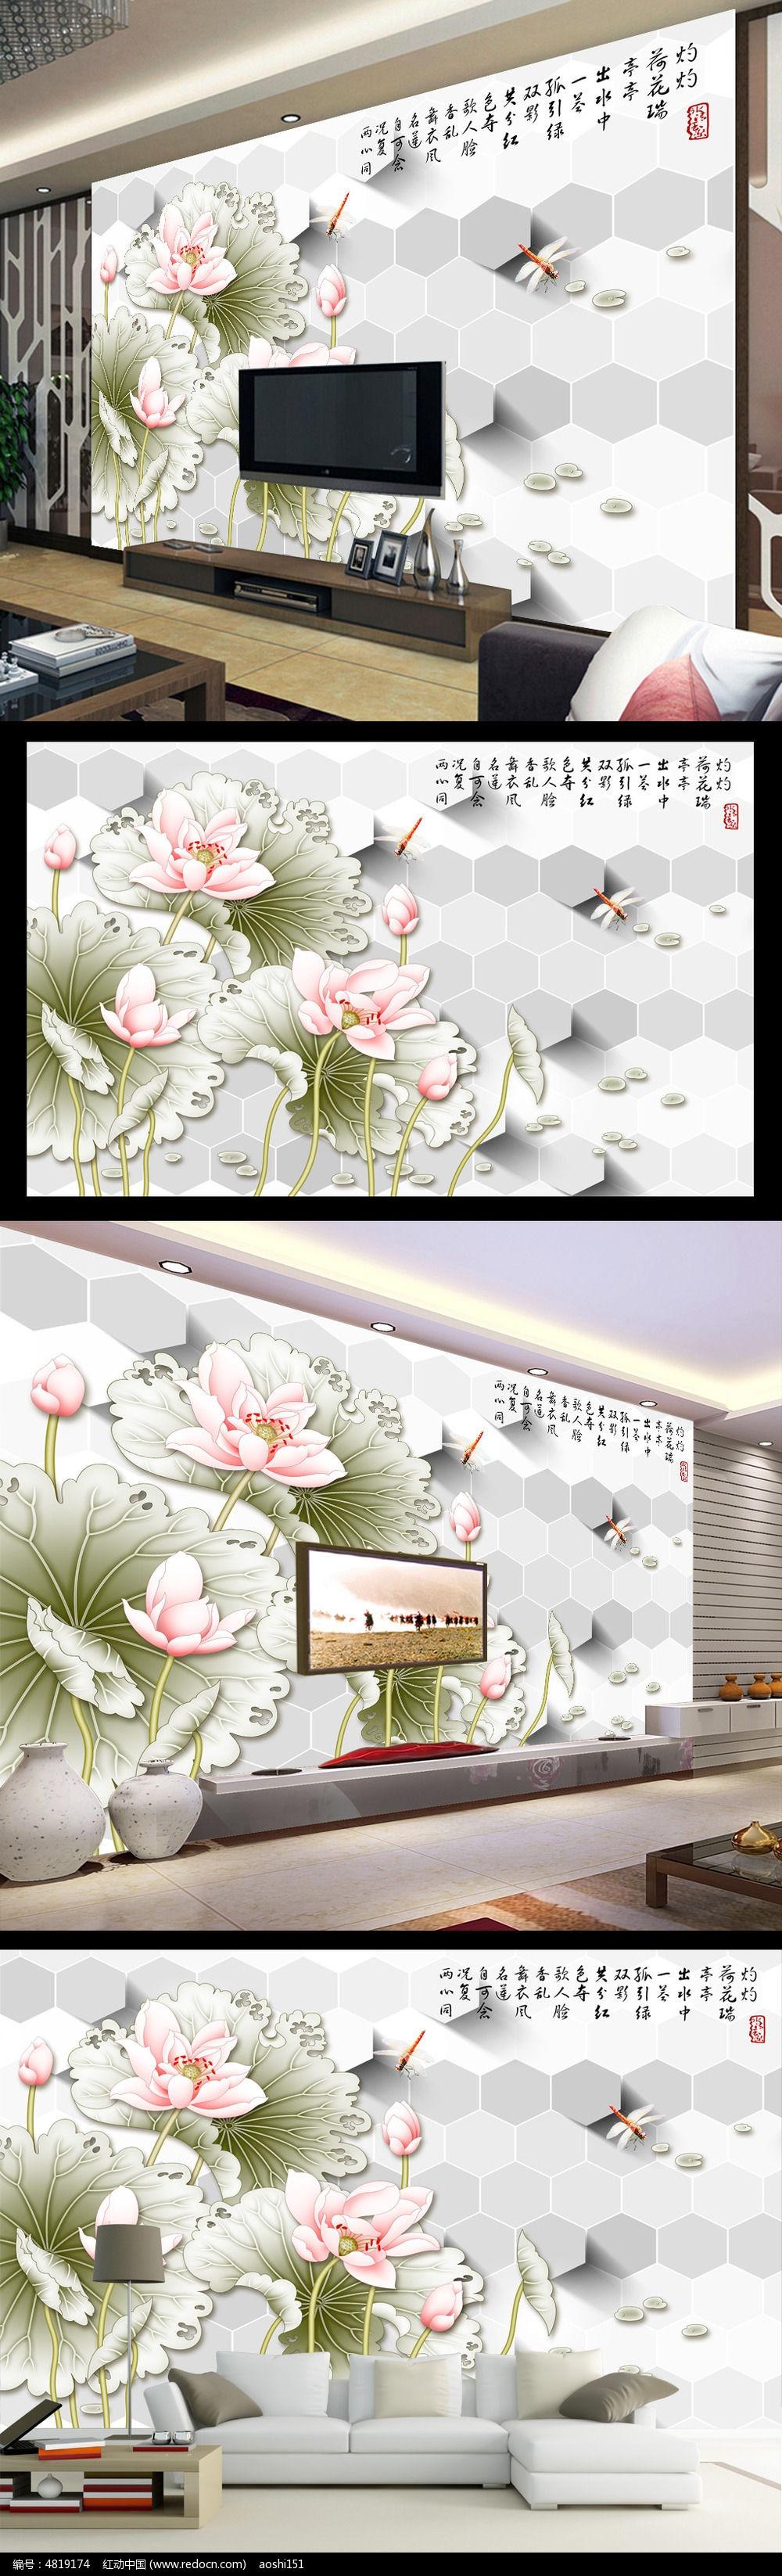 中式高清3d手绘荷花沙发背景墙